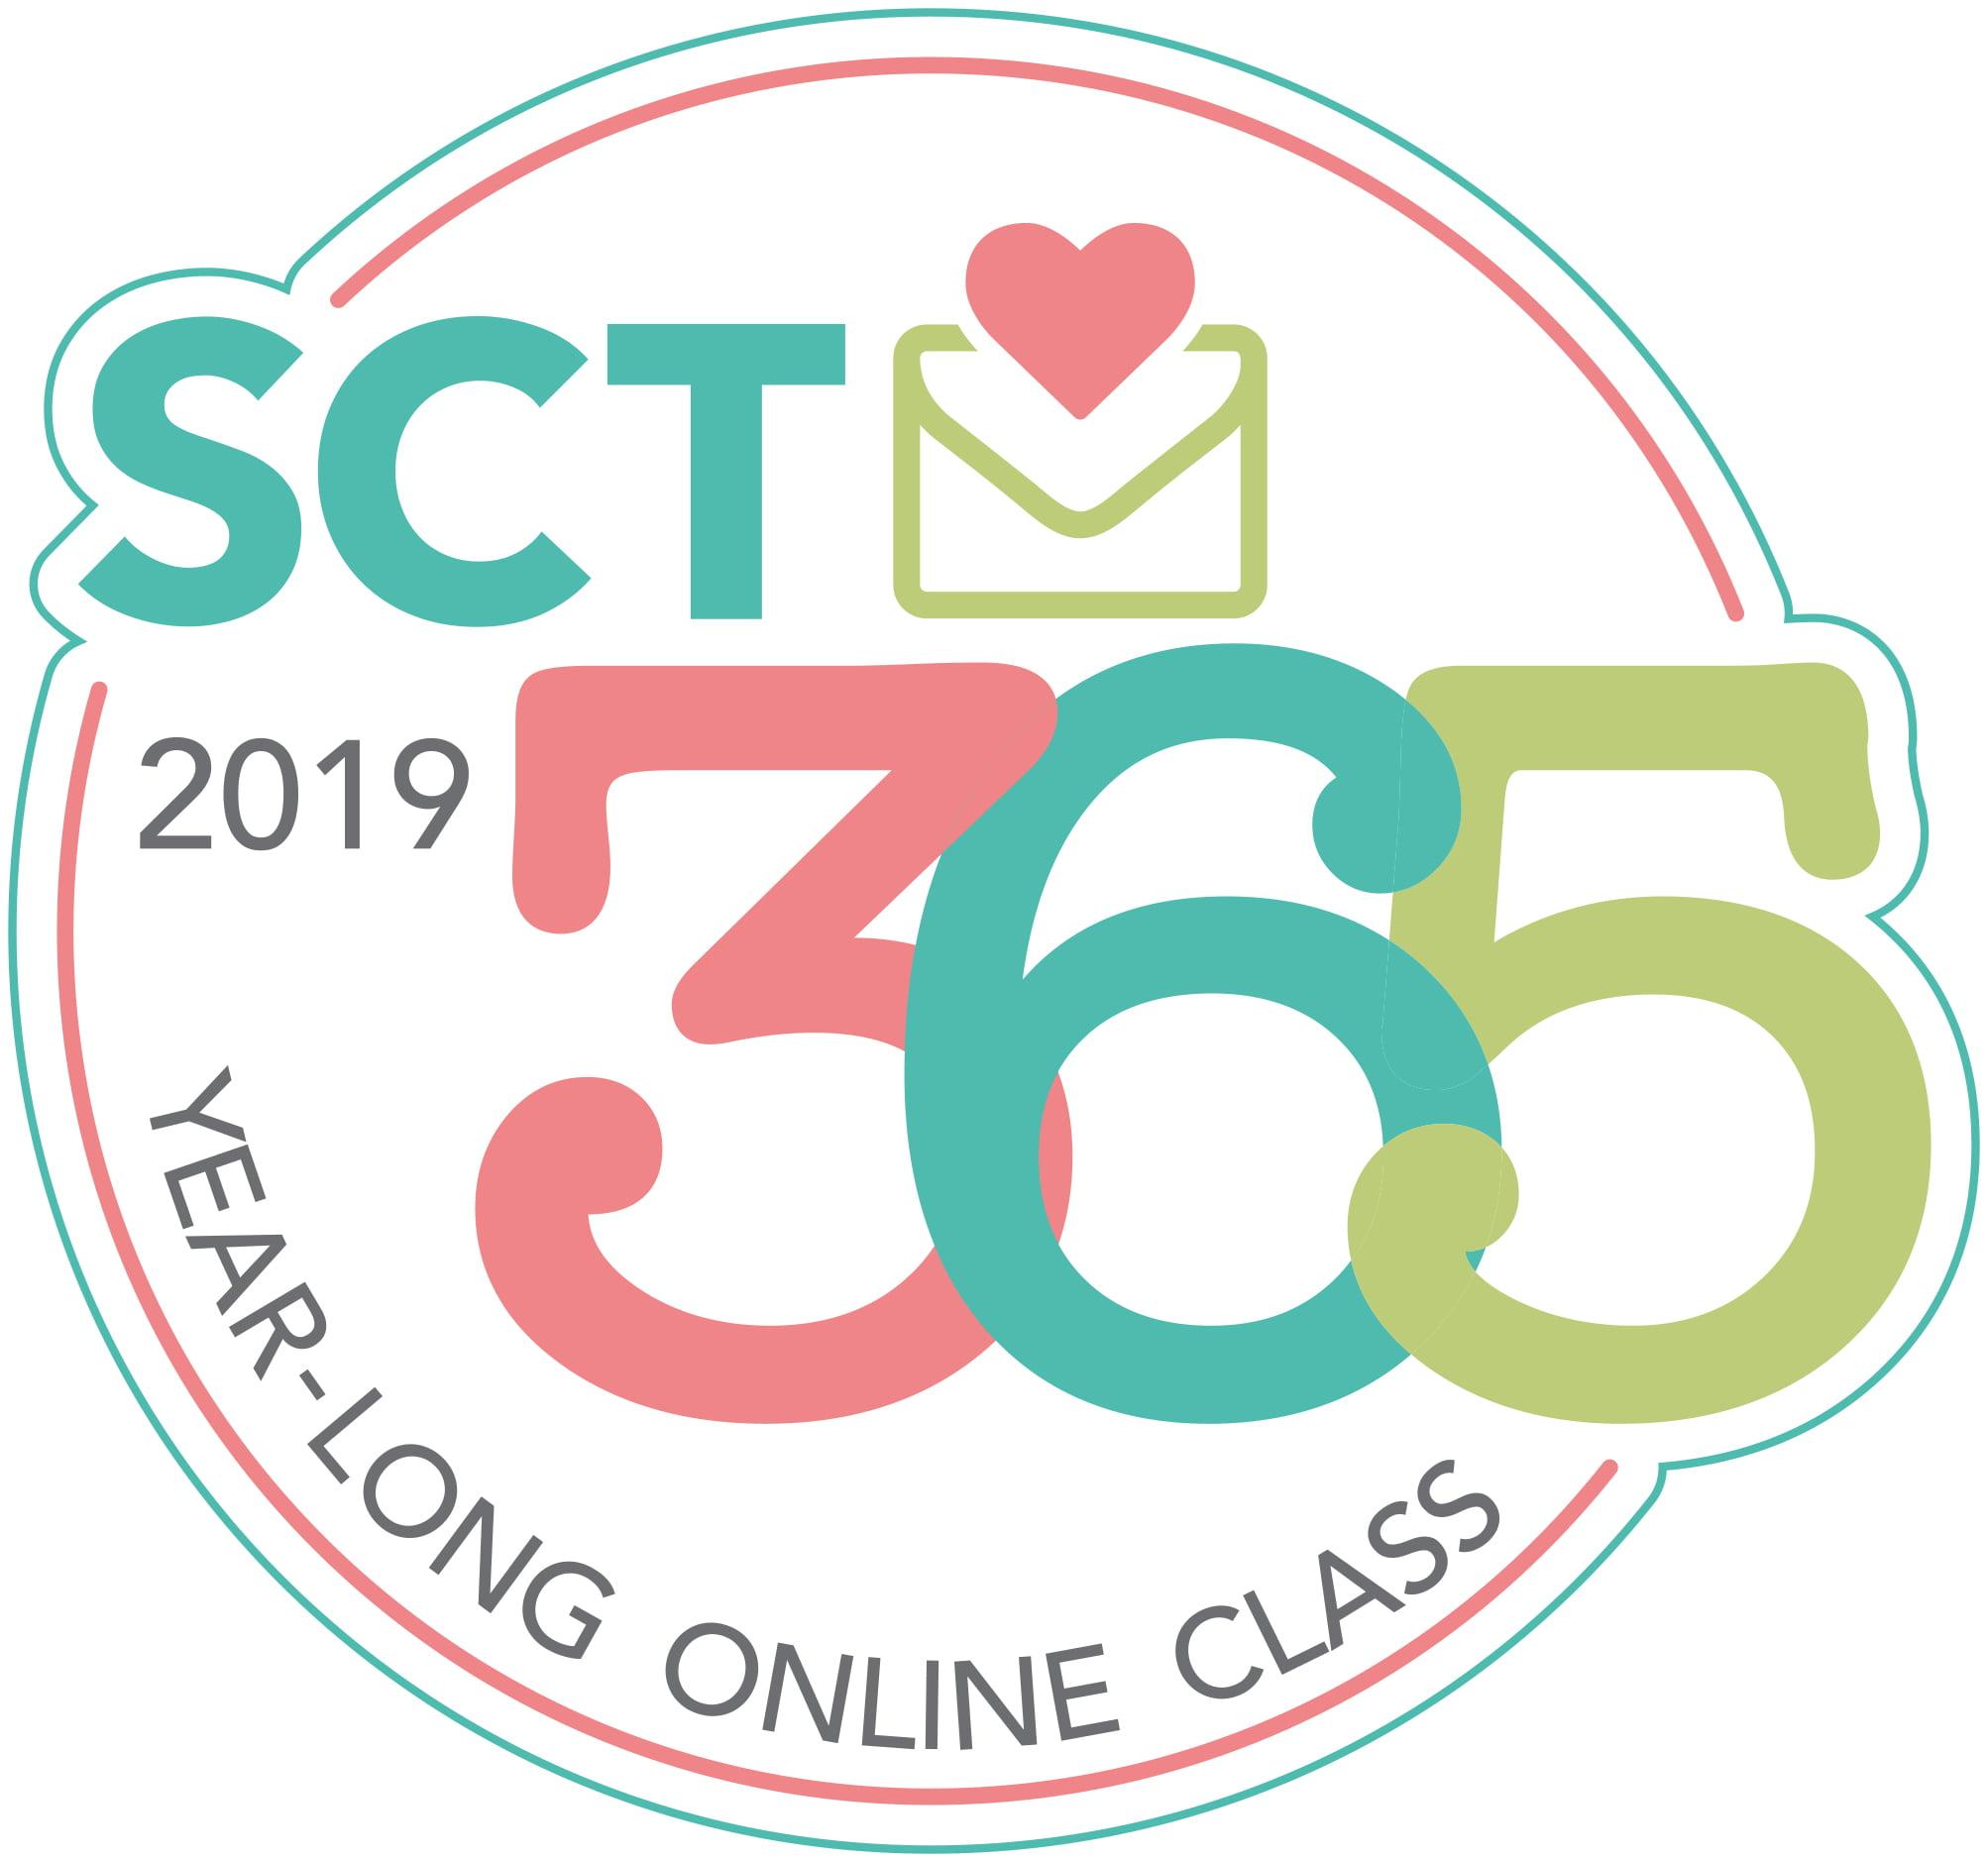 SCT 365 2019 Layout Online Class Logo